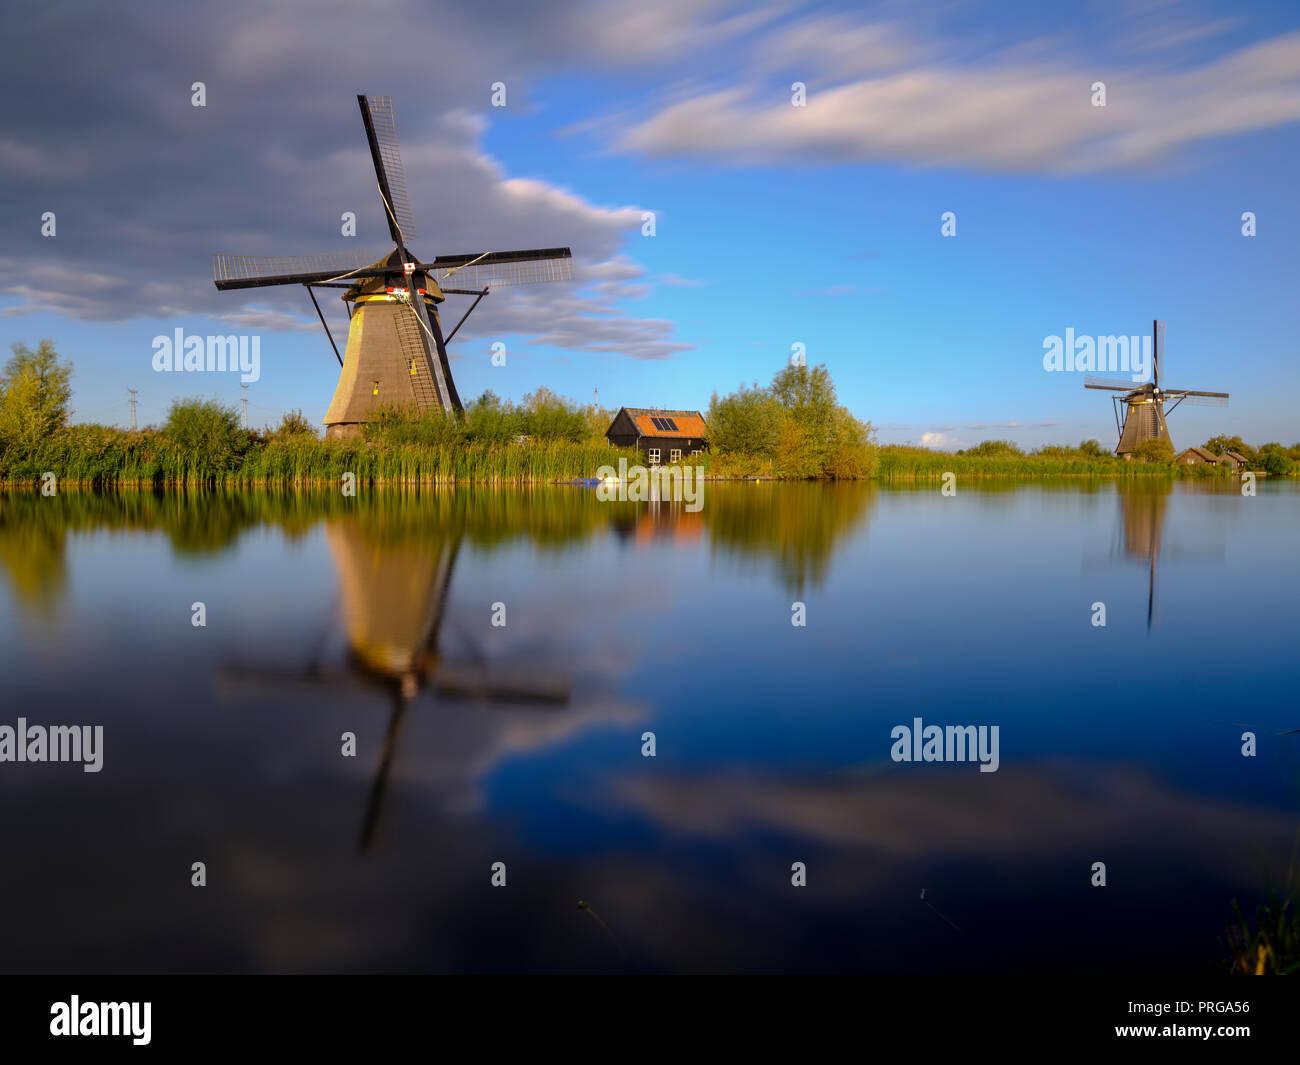 Herbst goldene Stunde Licht auf die Windmühlen, Grachten und Polder von Kinderdijk, in der Nähe von Rotterdam, Niederlande Stockbild